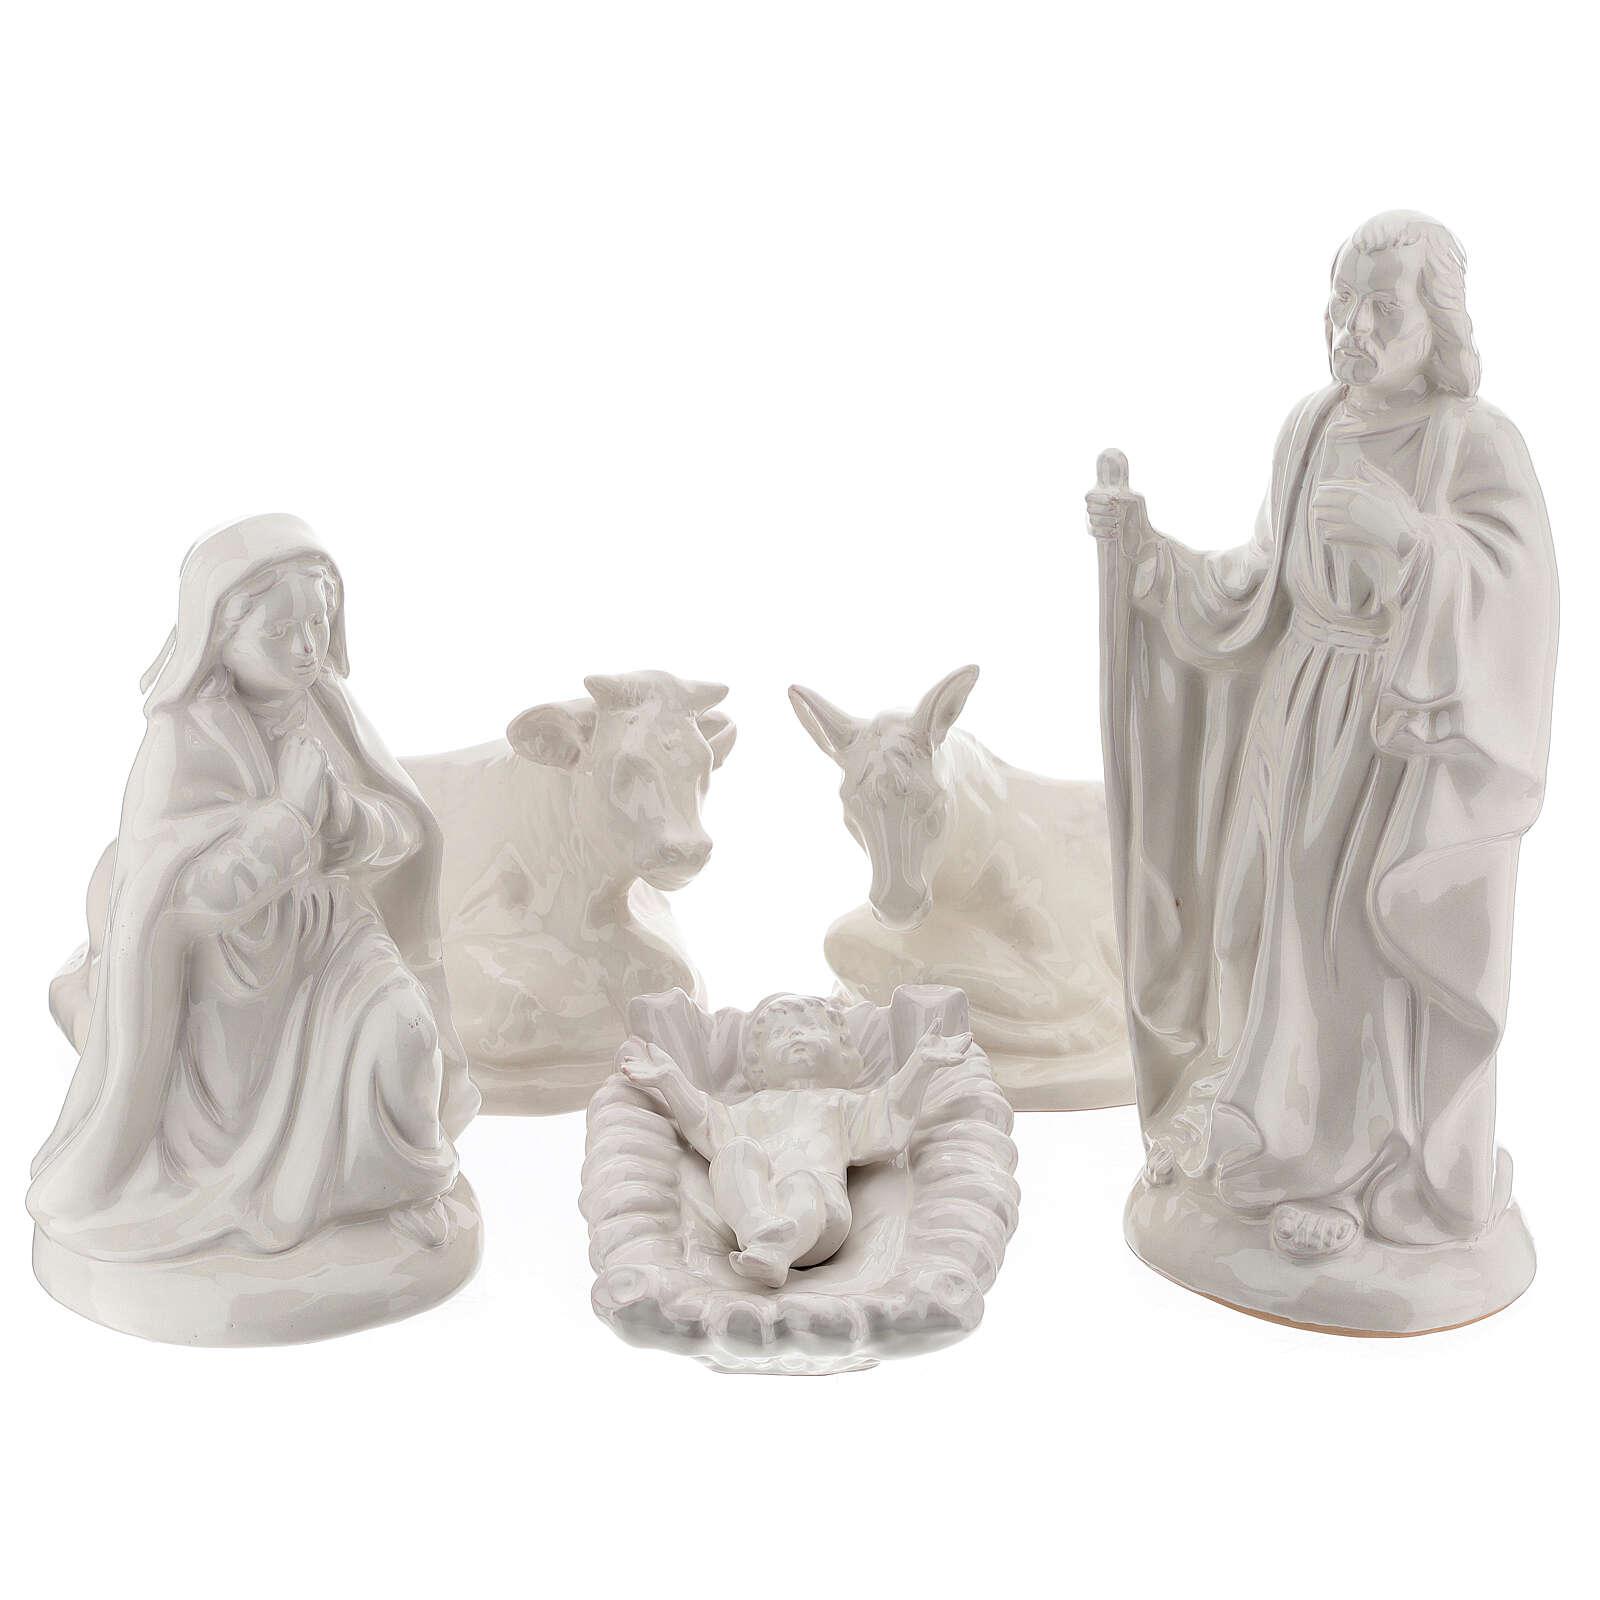 Crèche Nativité 40 cm terre cuite blanche Deruta 5 pcs 4